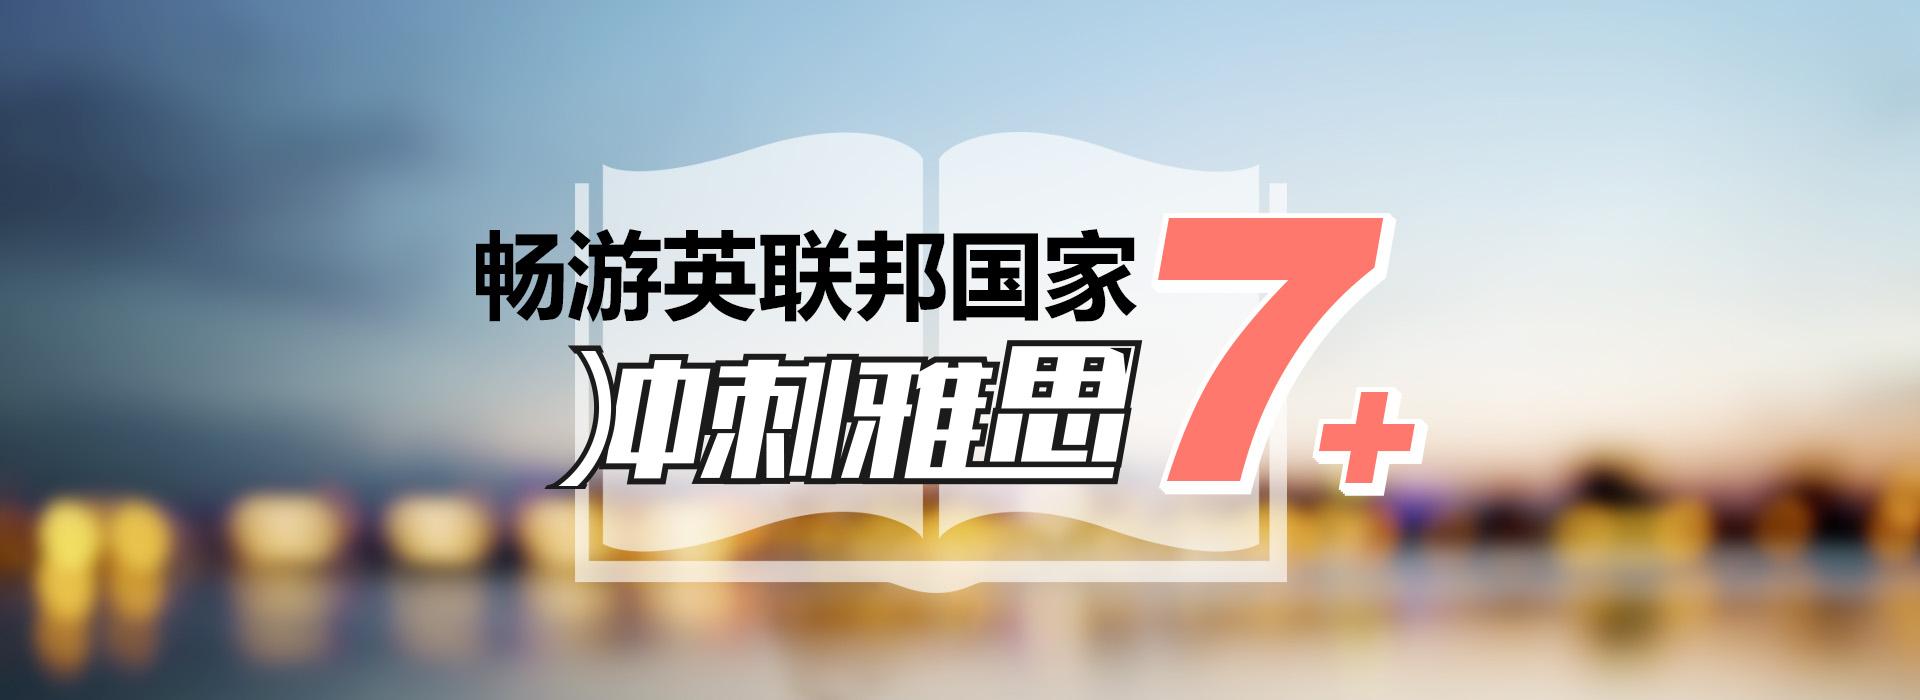 冲刺雅思7+